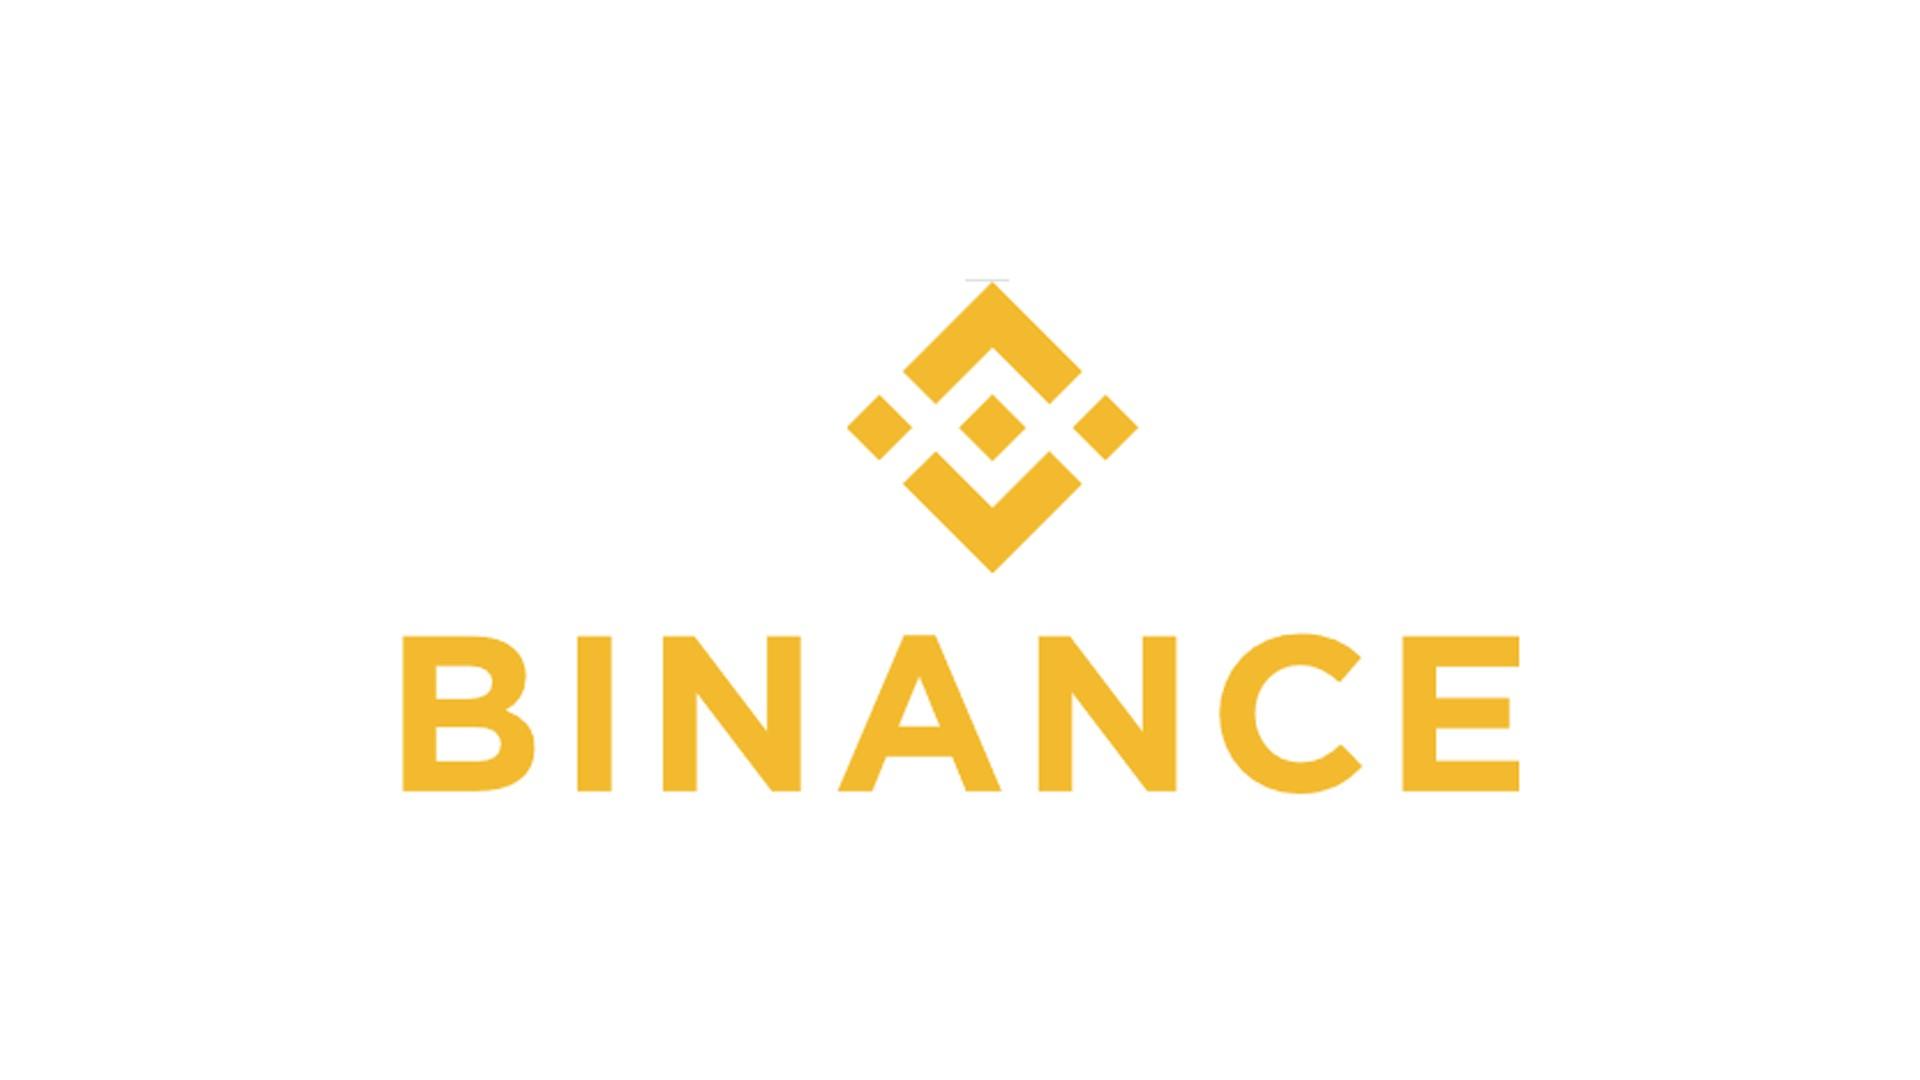 Обзор лидера криптовалютного рынка Binance: отзывы о бирже